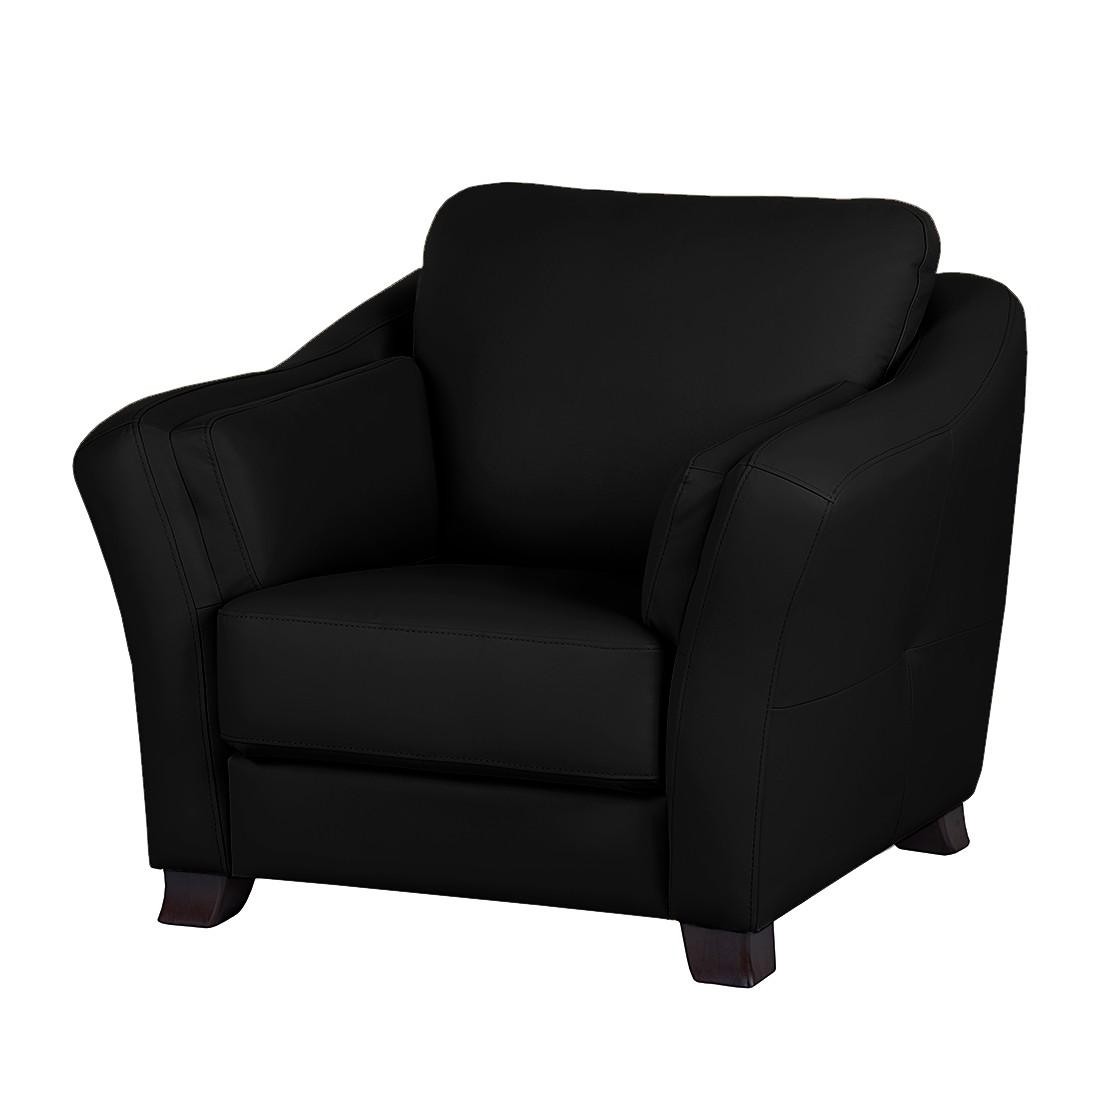 Alle bedrijven online fauteuil toucy zwart echt leer for E home24